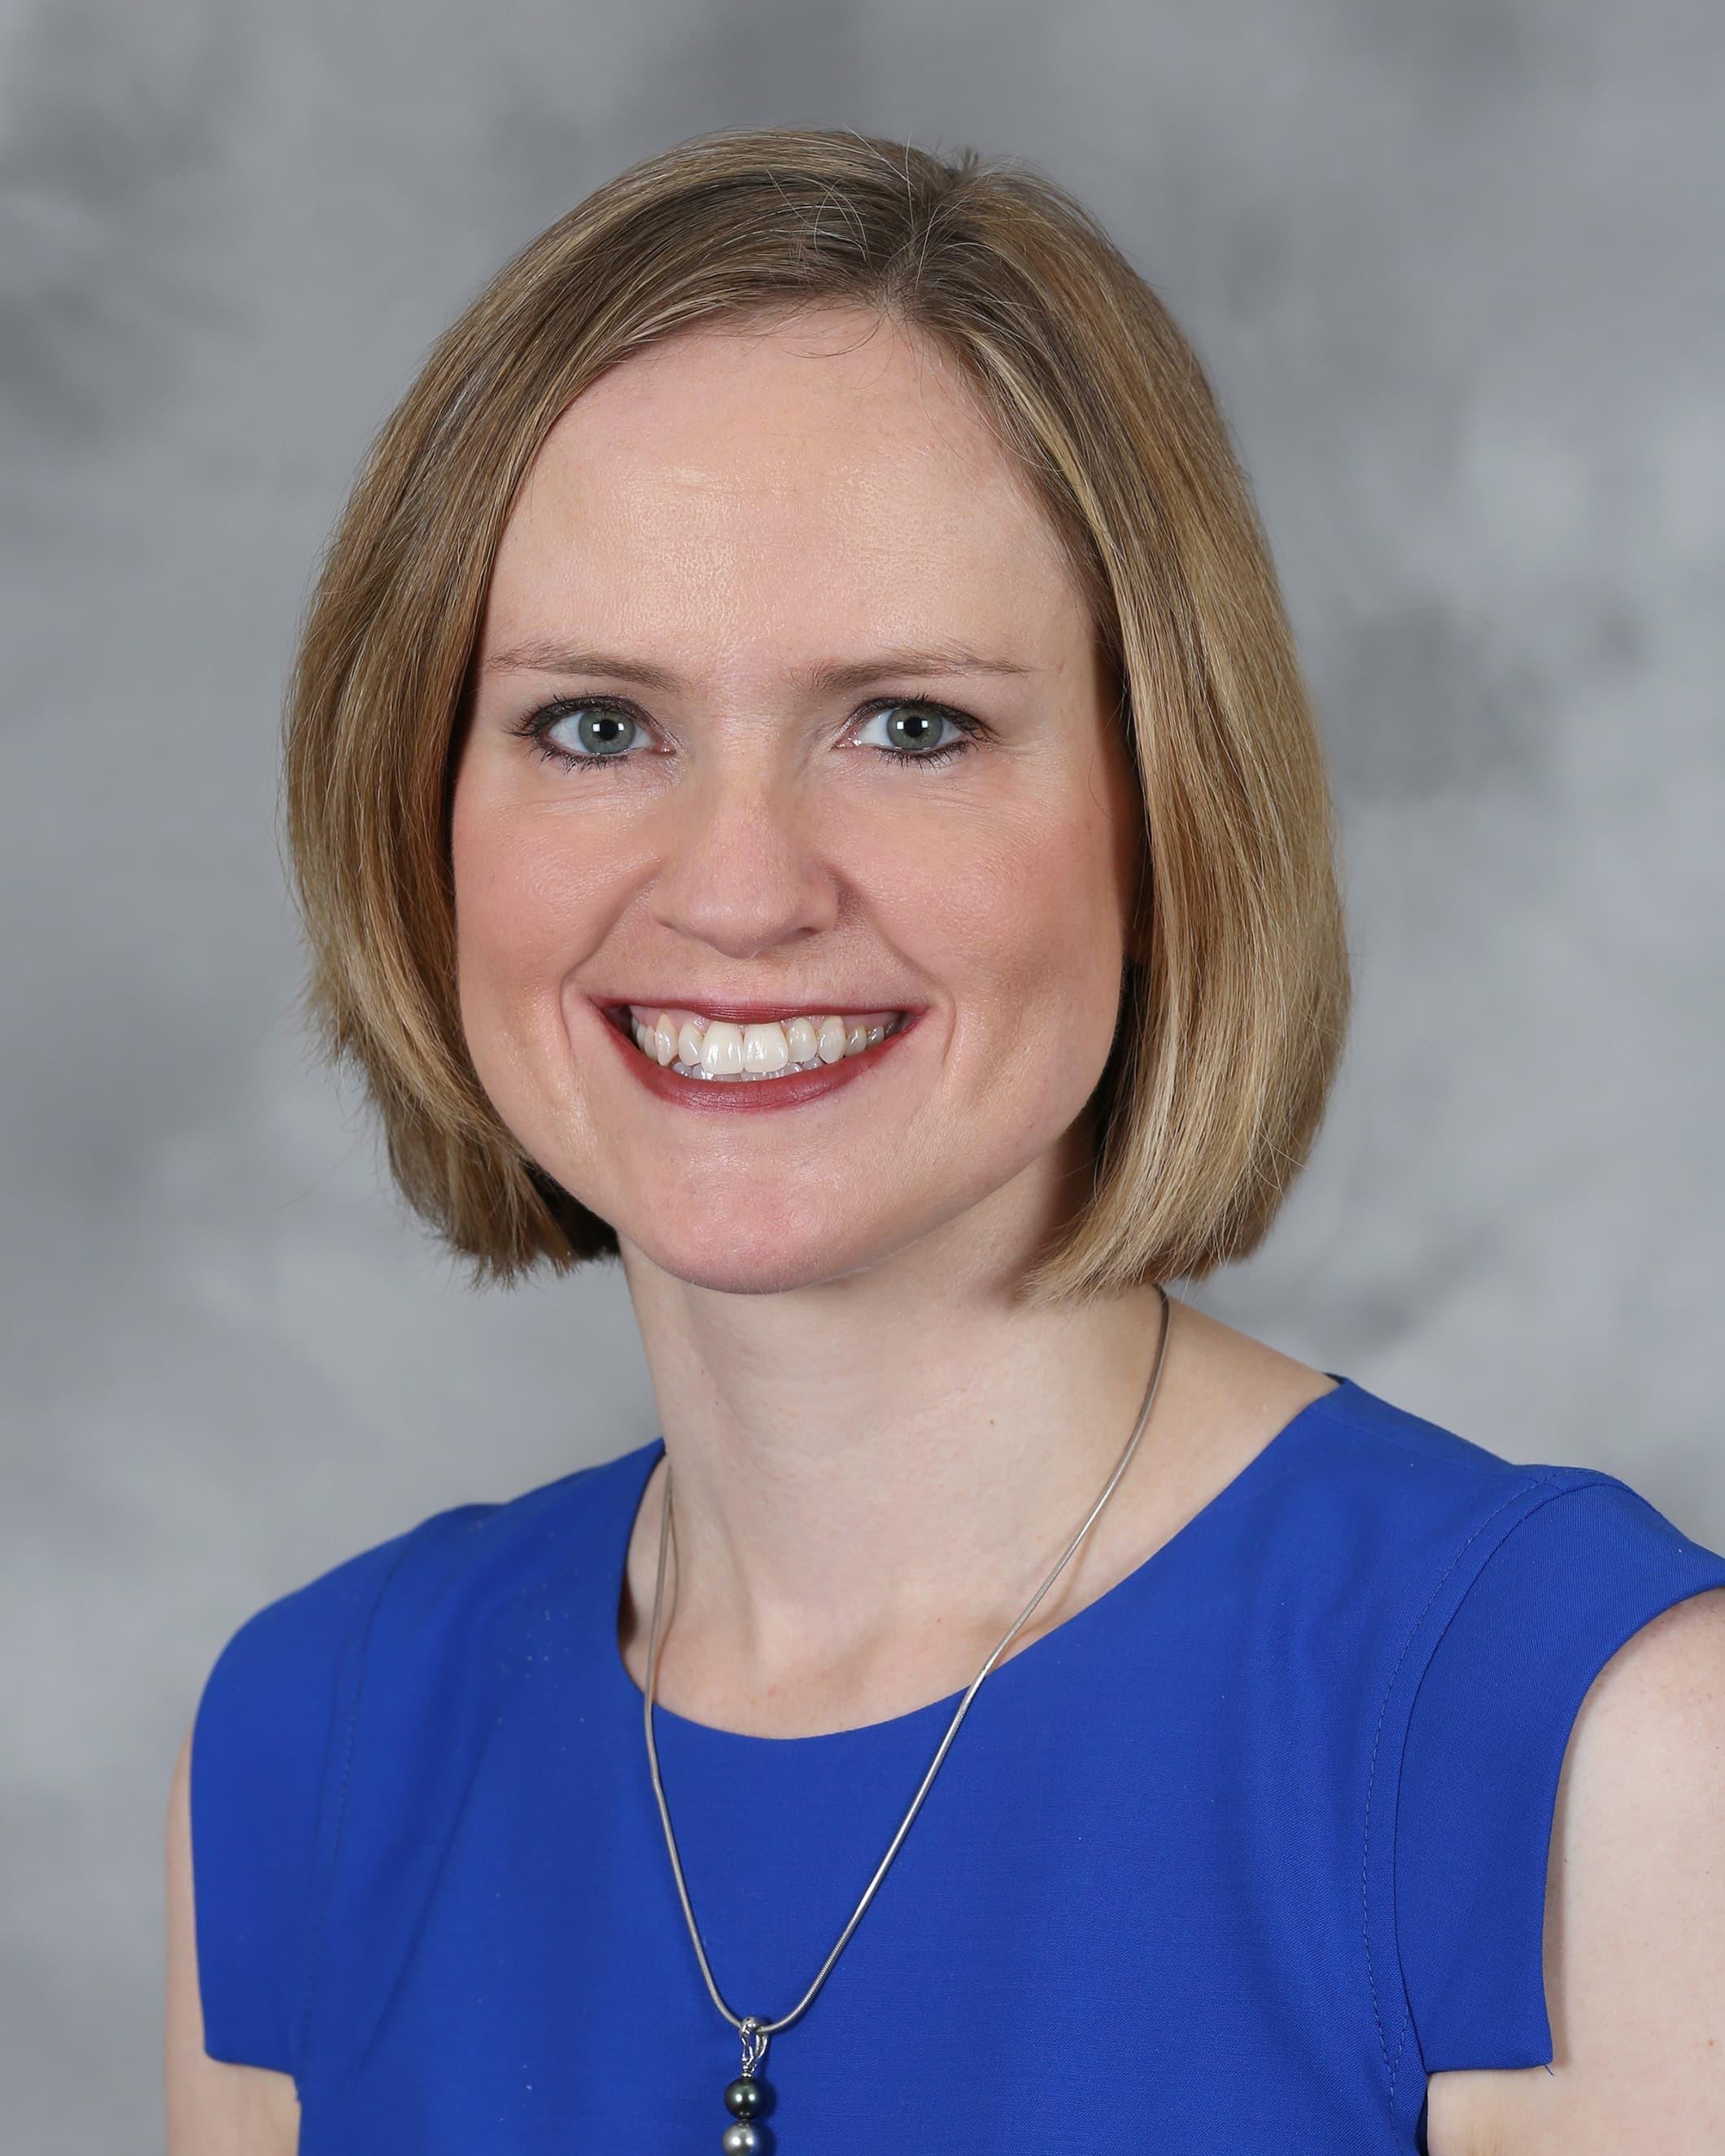 Katherine Hubert Chan, MD, MPH